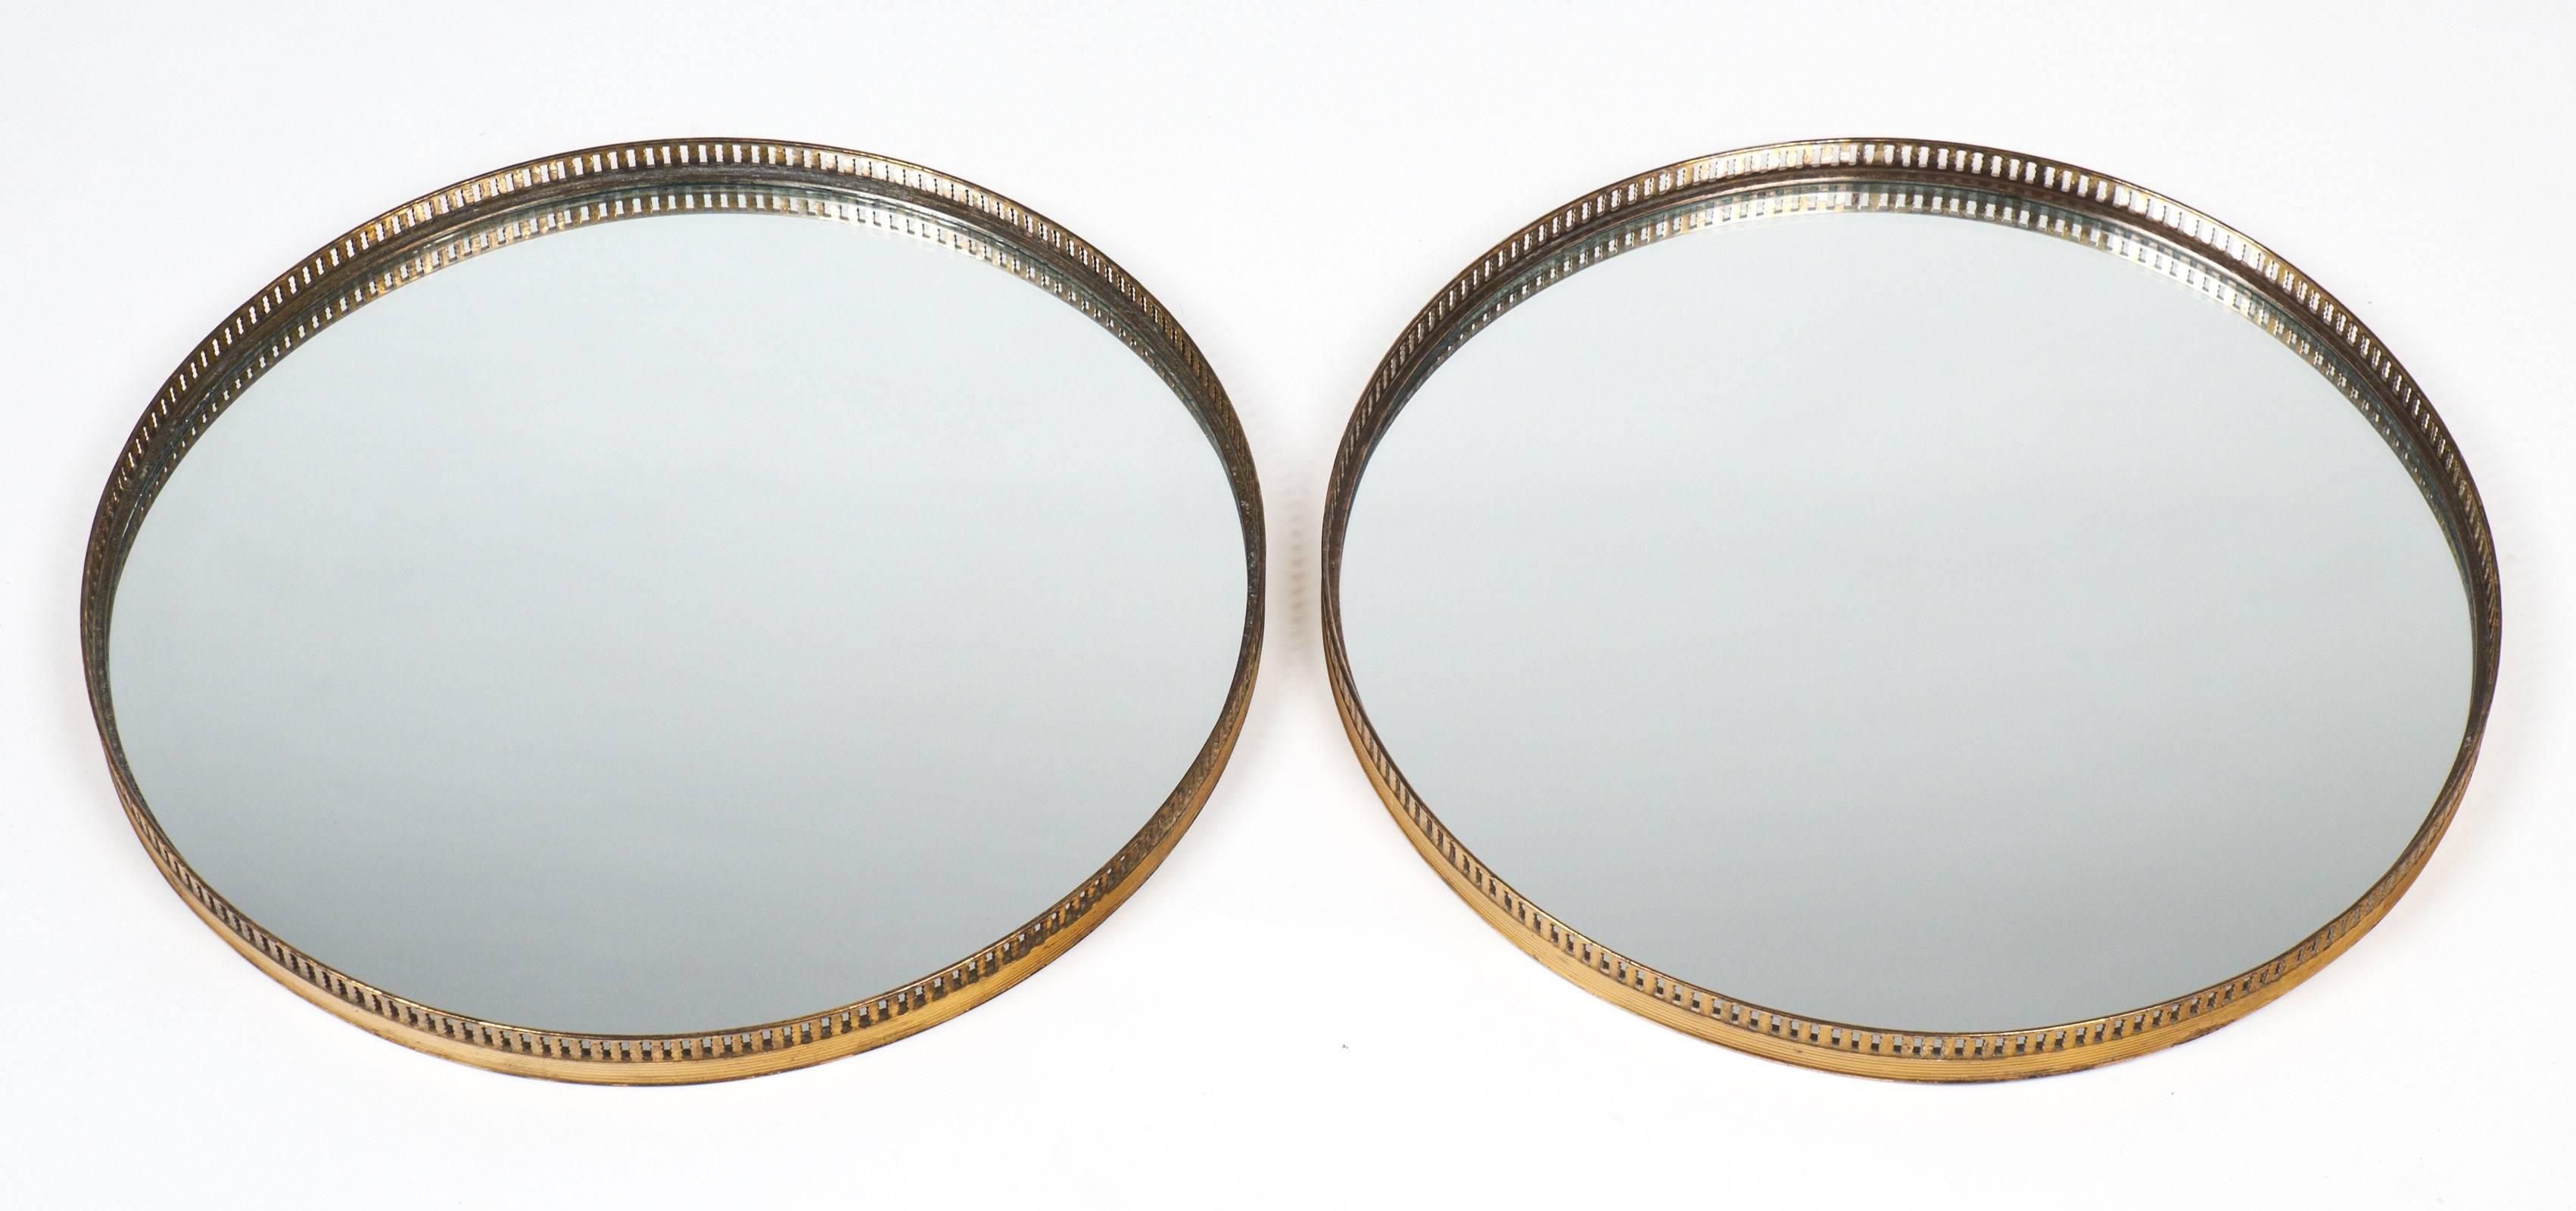 The Best Antique Round Mirrors